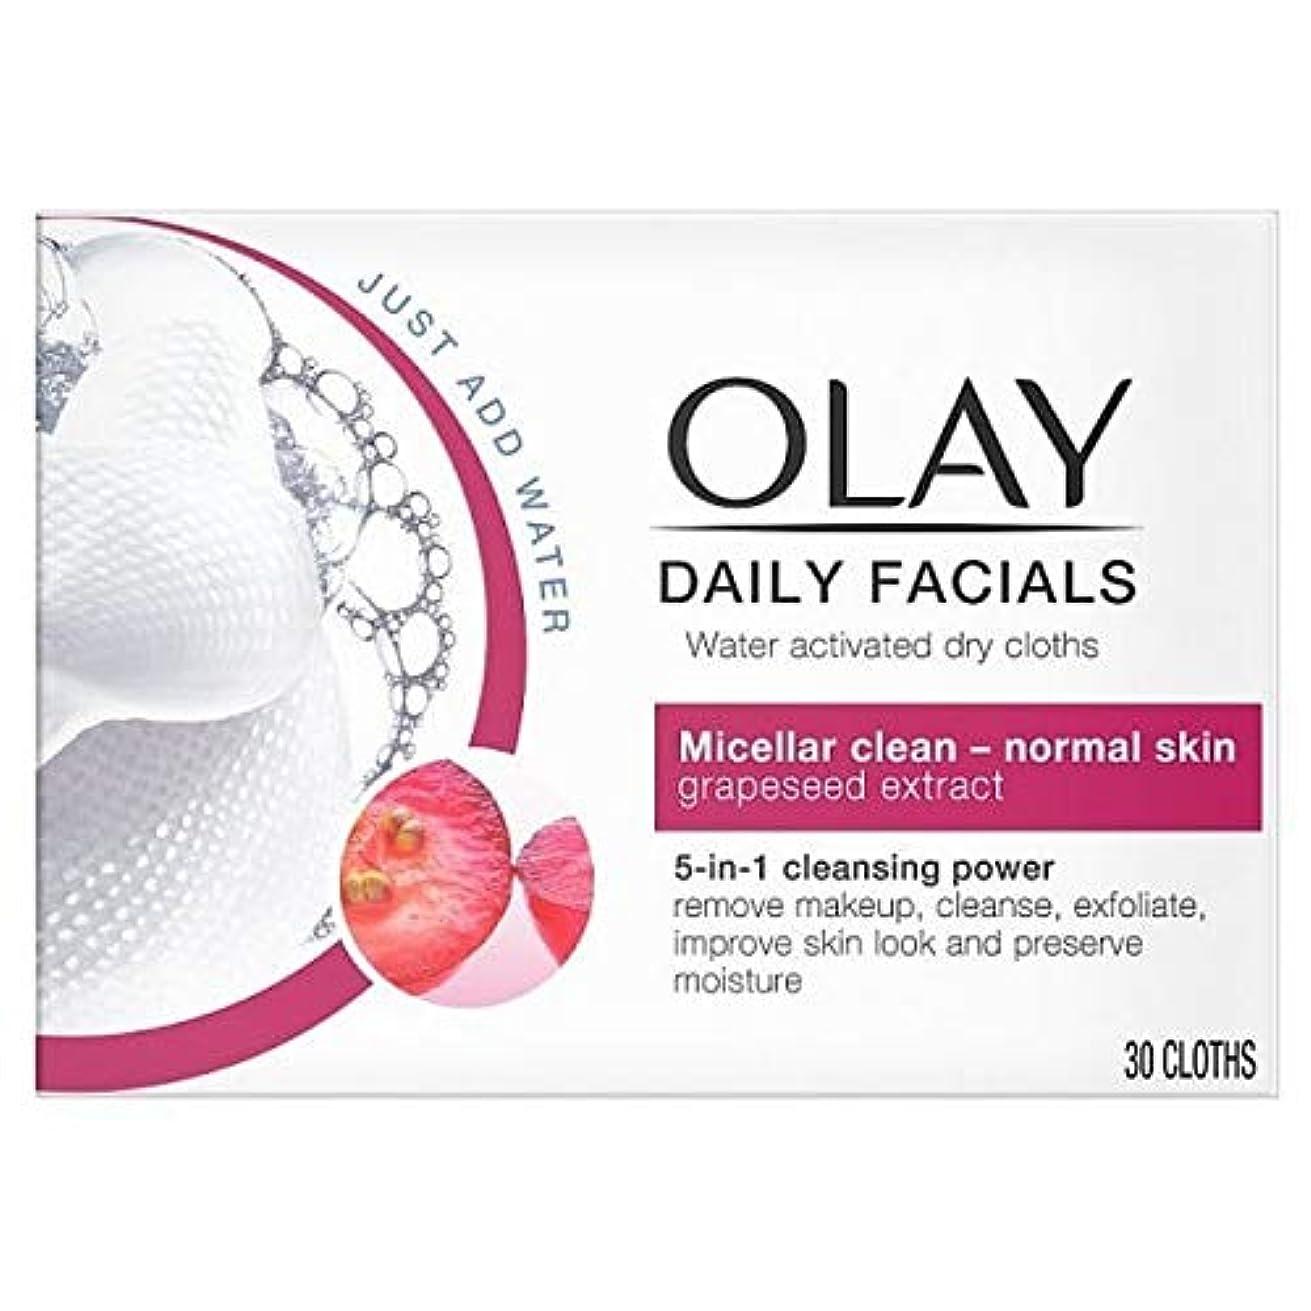 持つ変形定常[Olay ] オーレイ毎日フェイシャル5-In1は乾燥布 - 正常な皮膚 - Olay Daily Facials 5-in1 Dry Cloths - Normal Skin [並行輸入品]